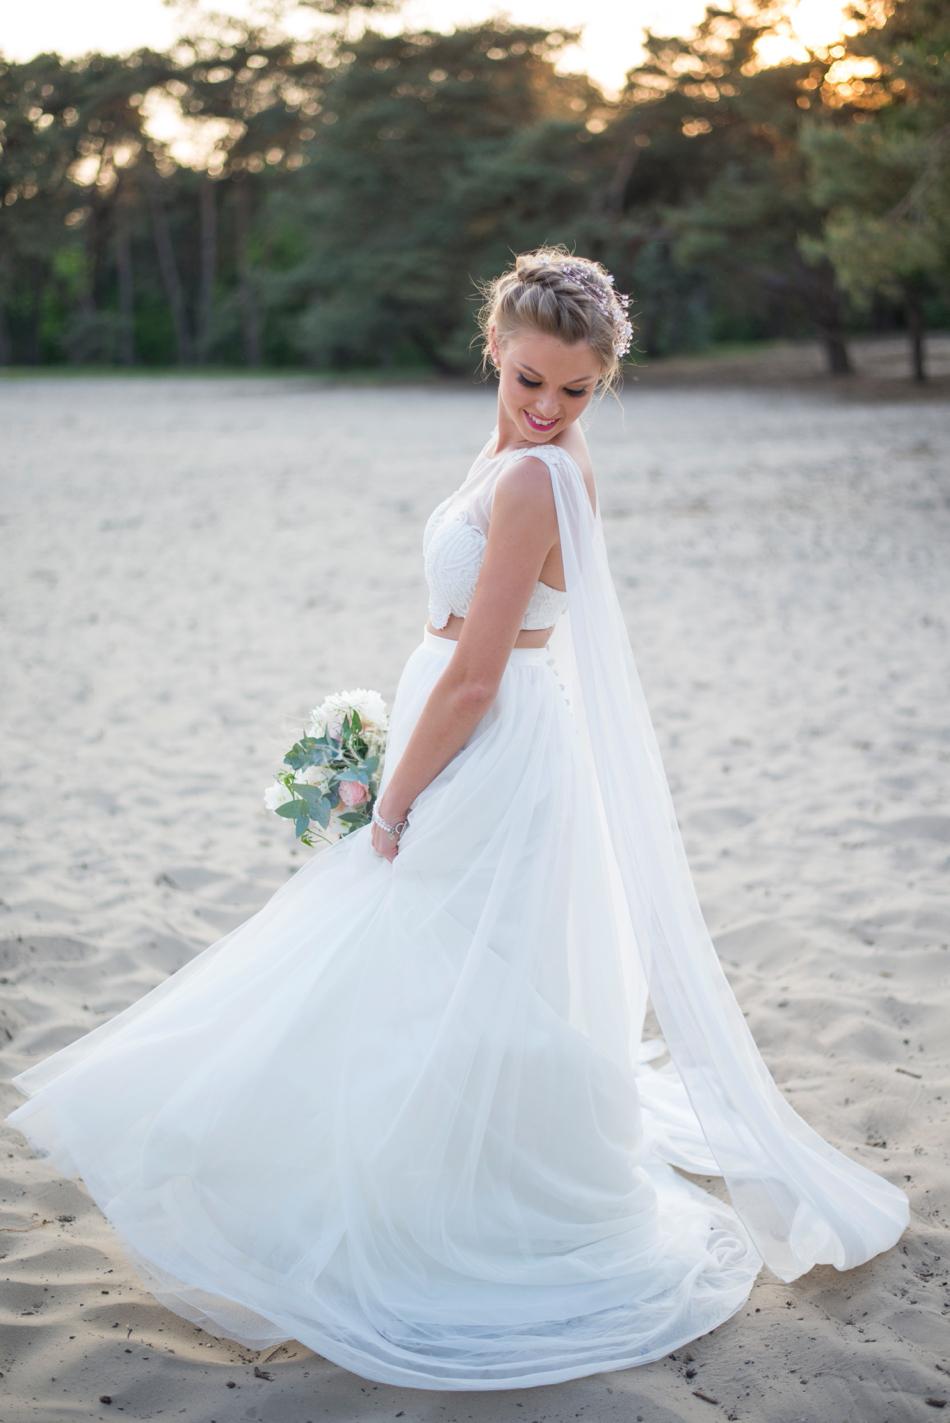 prachtige-bruid-foto-locatie-brabant-zandverstuiving